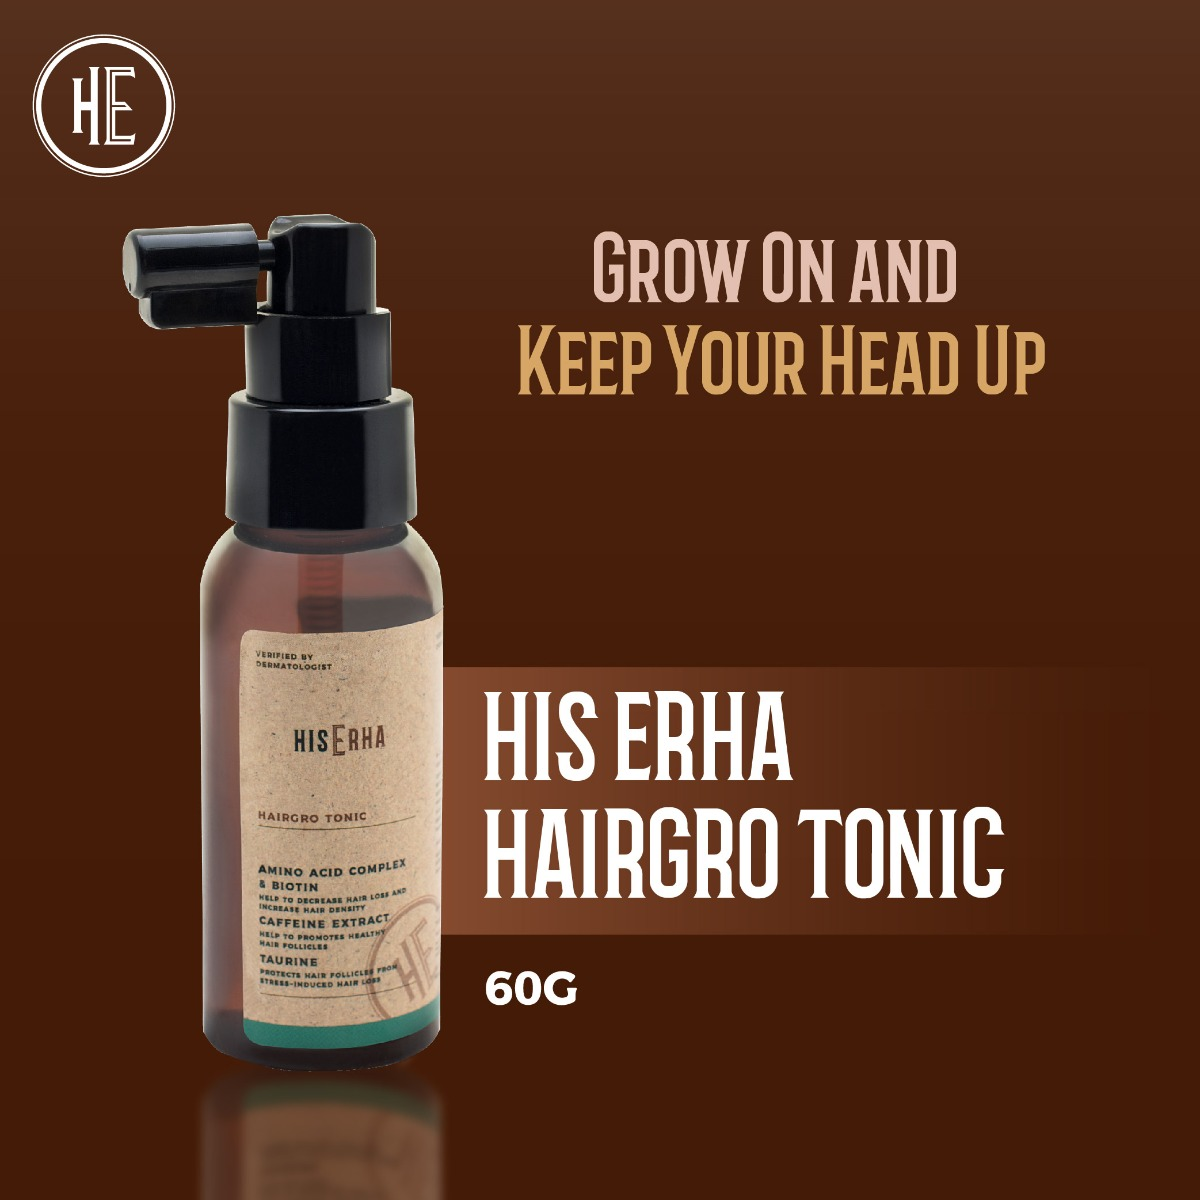 Hairgro Tonic